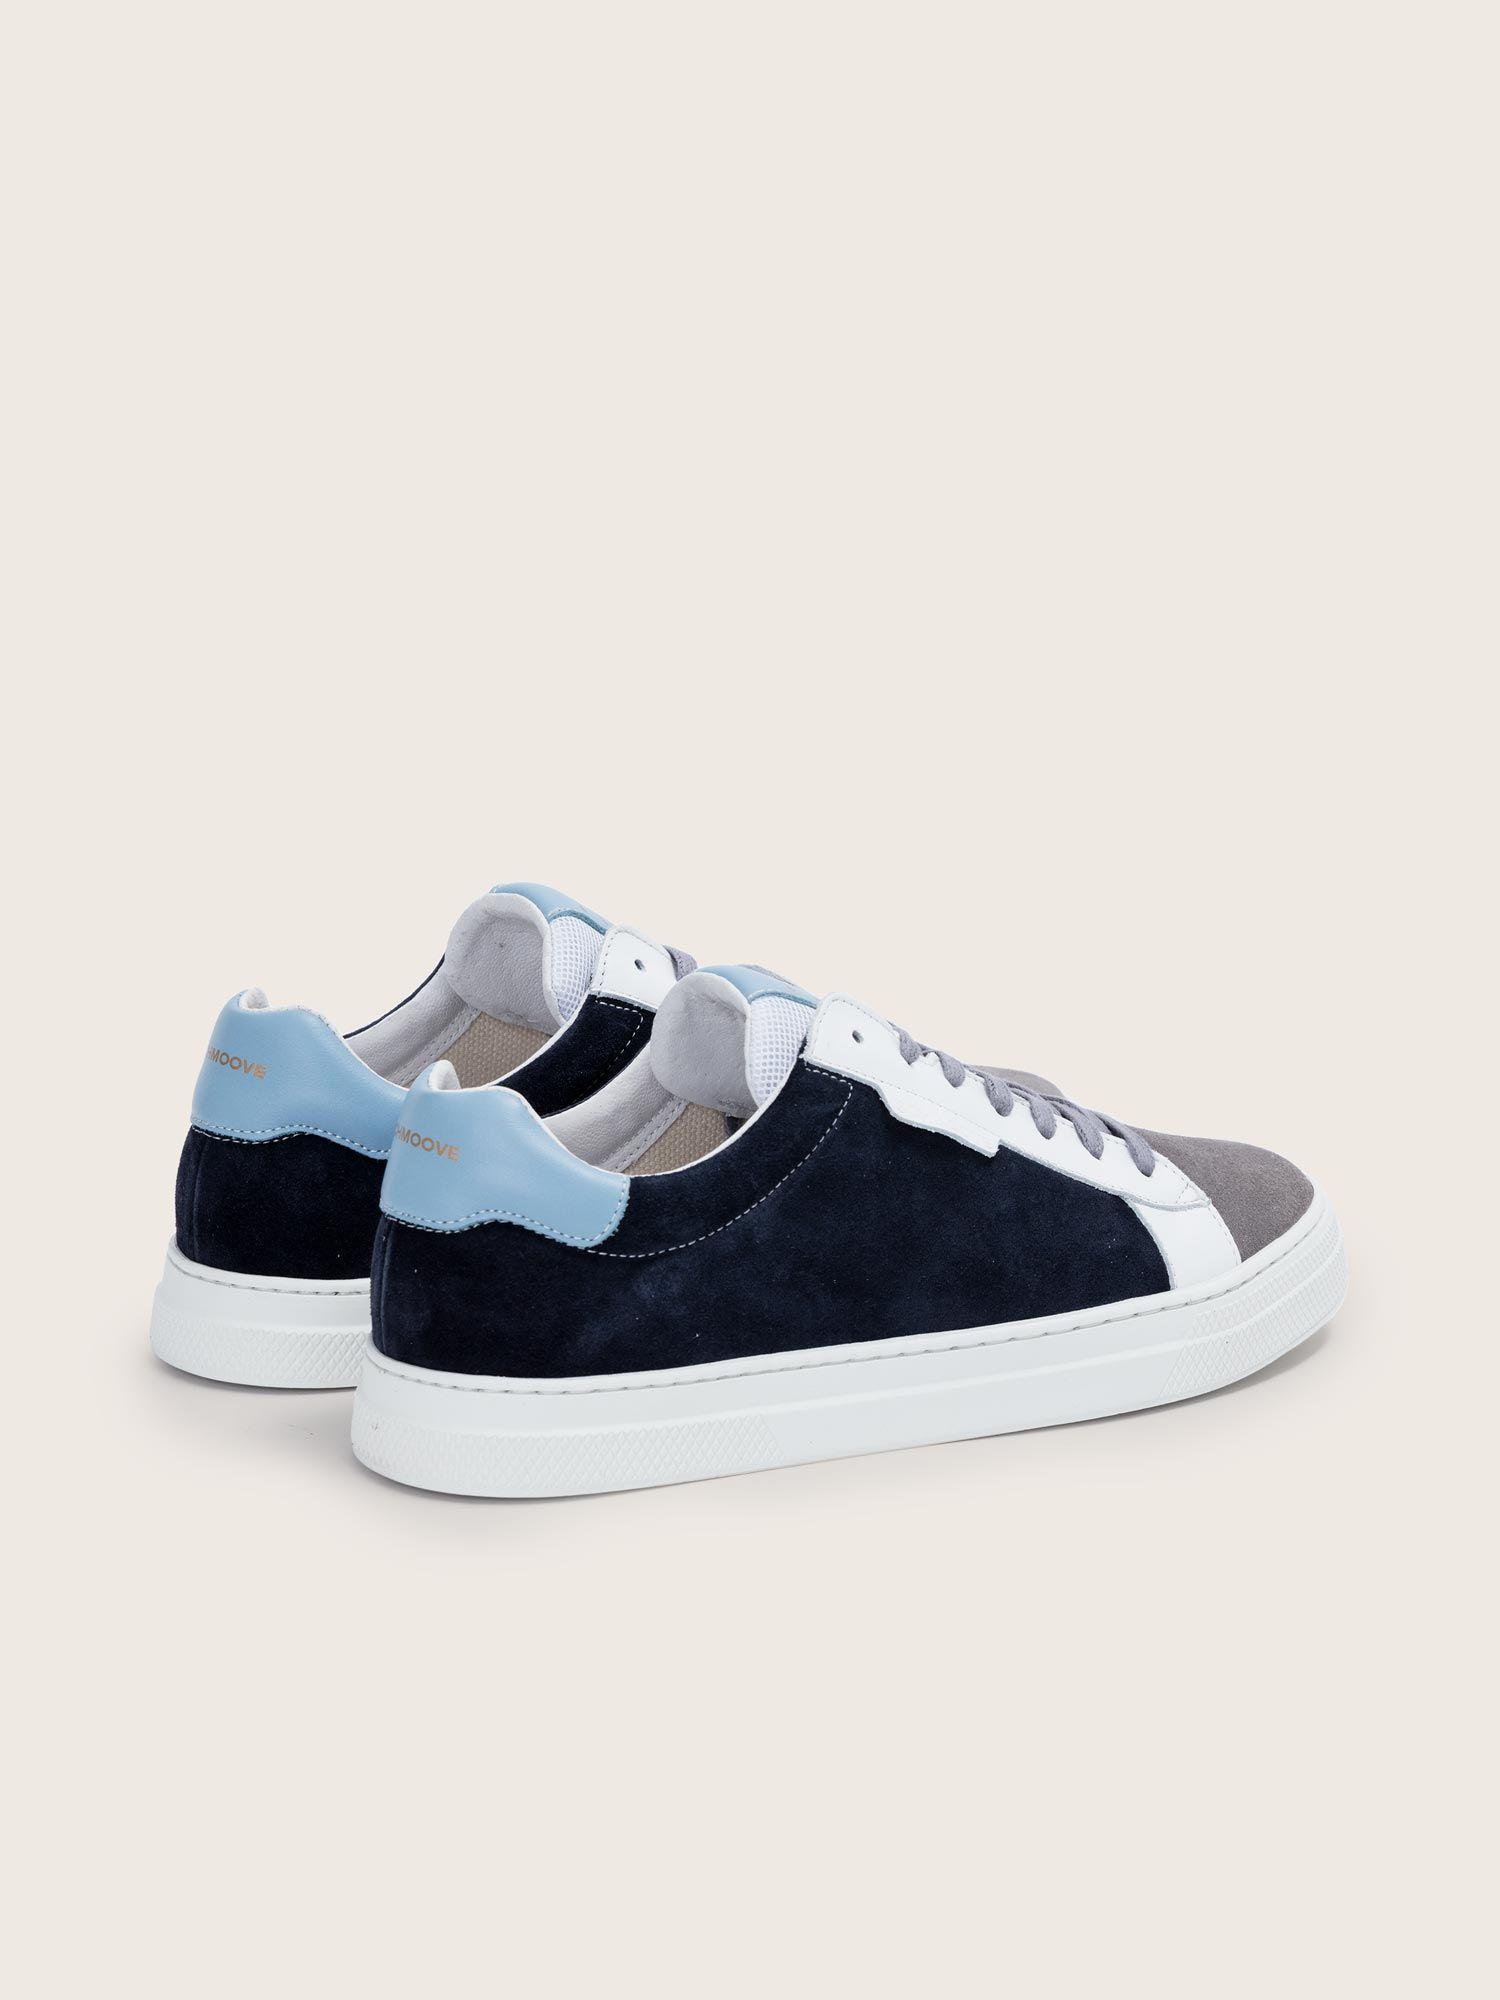 schmoove.fr Spark Clay - Suede/Nappa - Azul/Artik